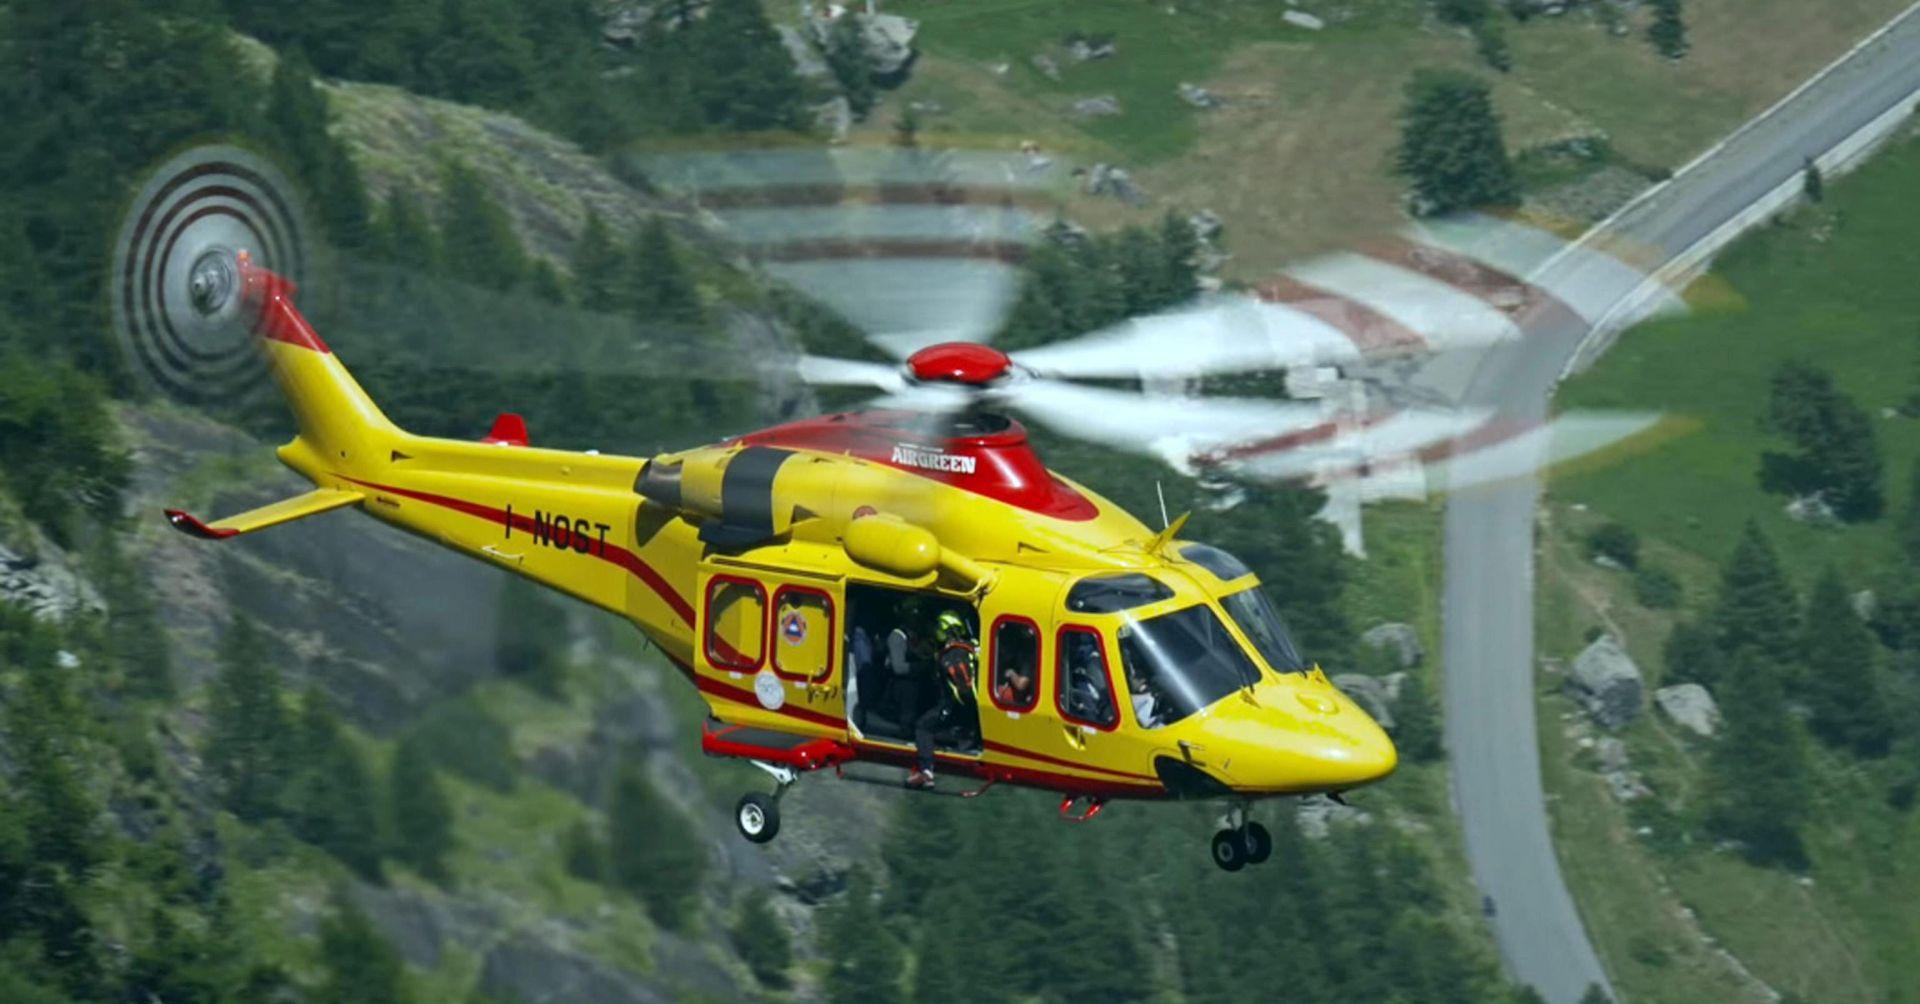 NASTAVLJA SE SPAŠAVANJE: 45 turista provelo noć zarobljeno na žičari u Alpama